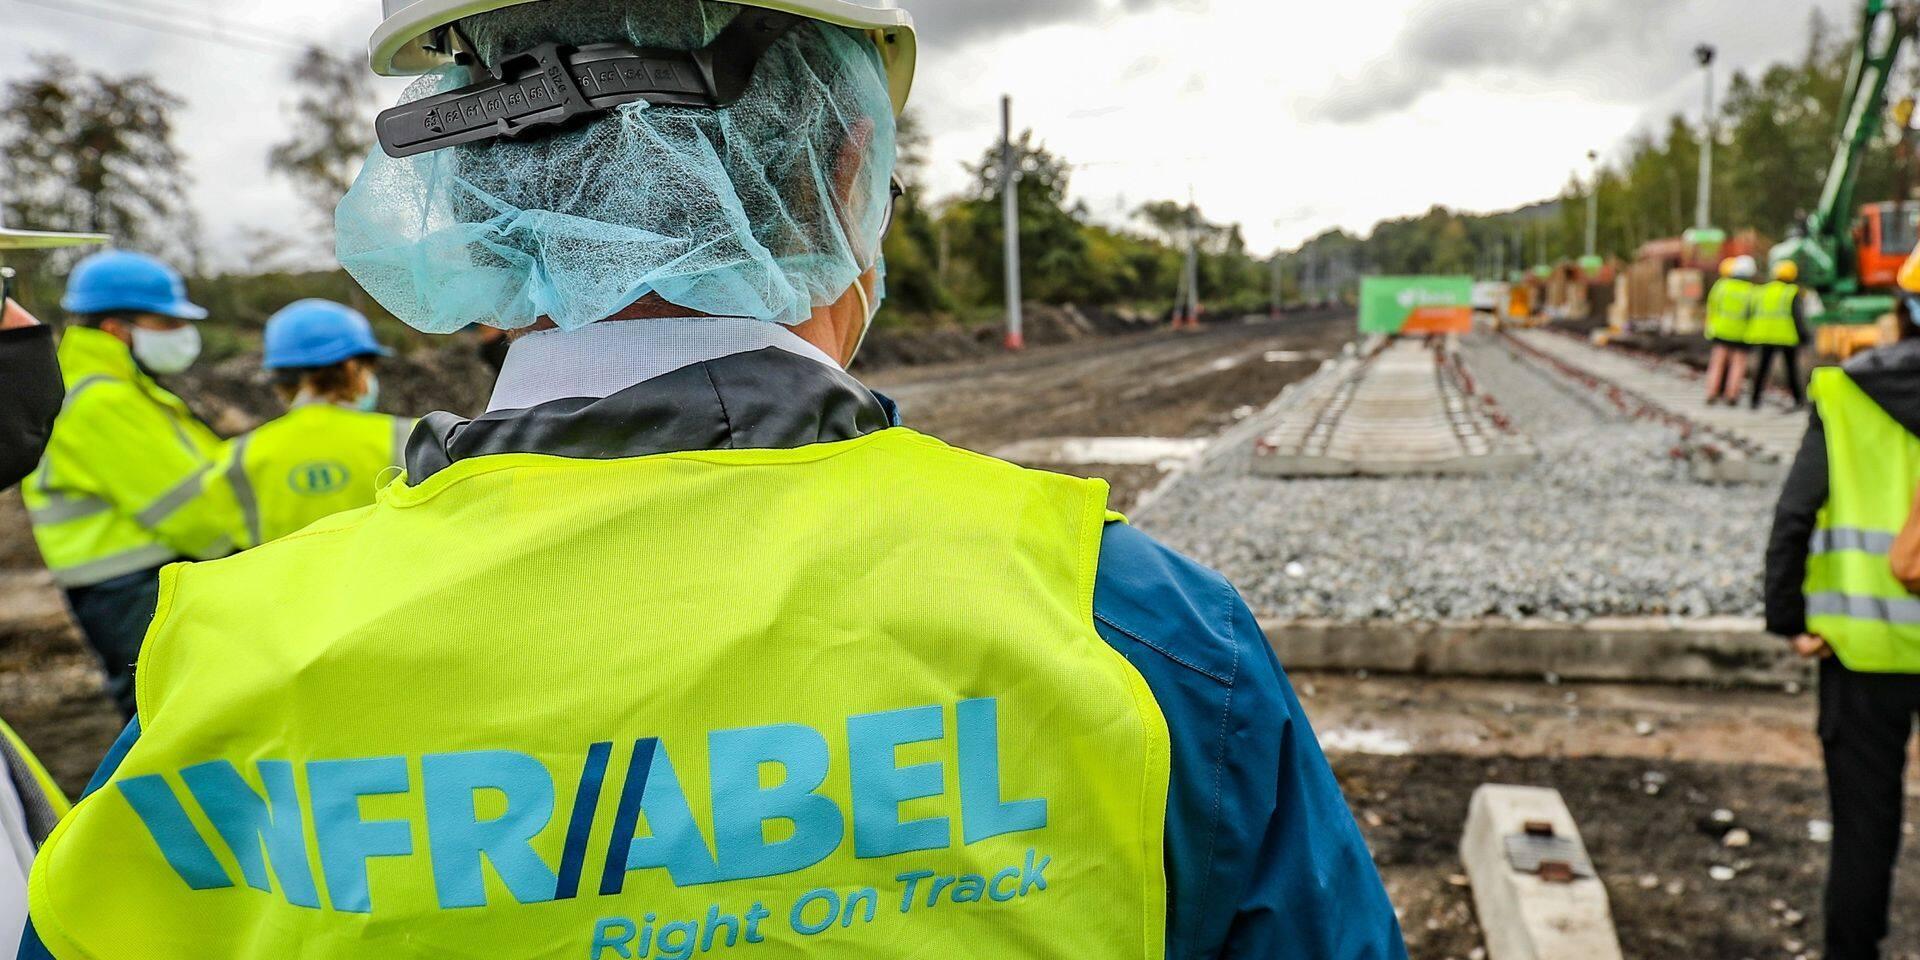 Début des travaux sur le pont ferroviaire qui surplombe le ring bruxellois à Zaventem